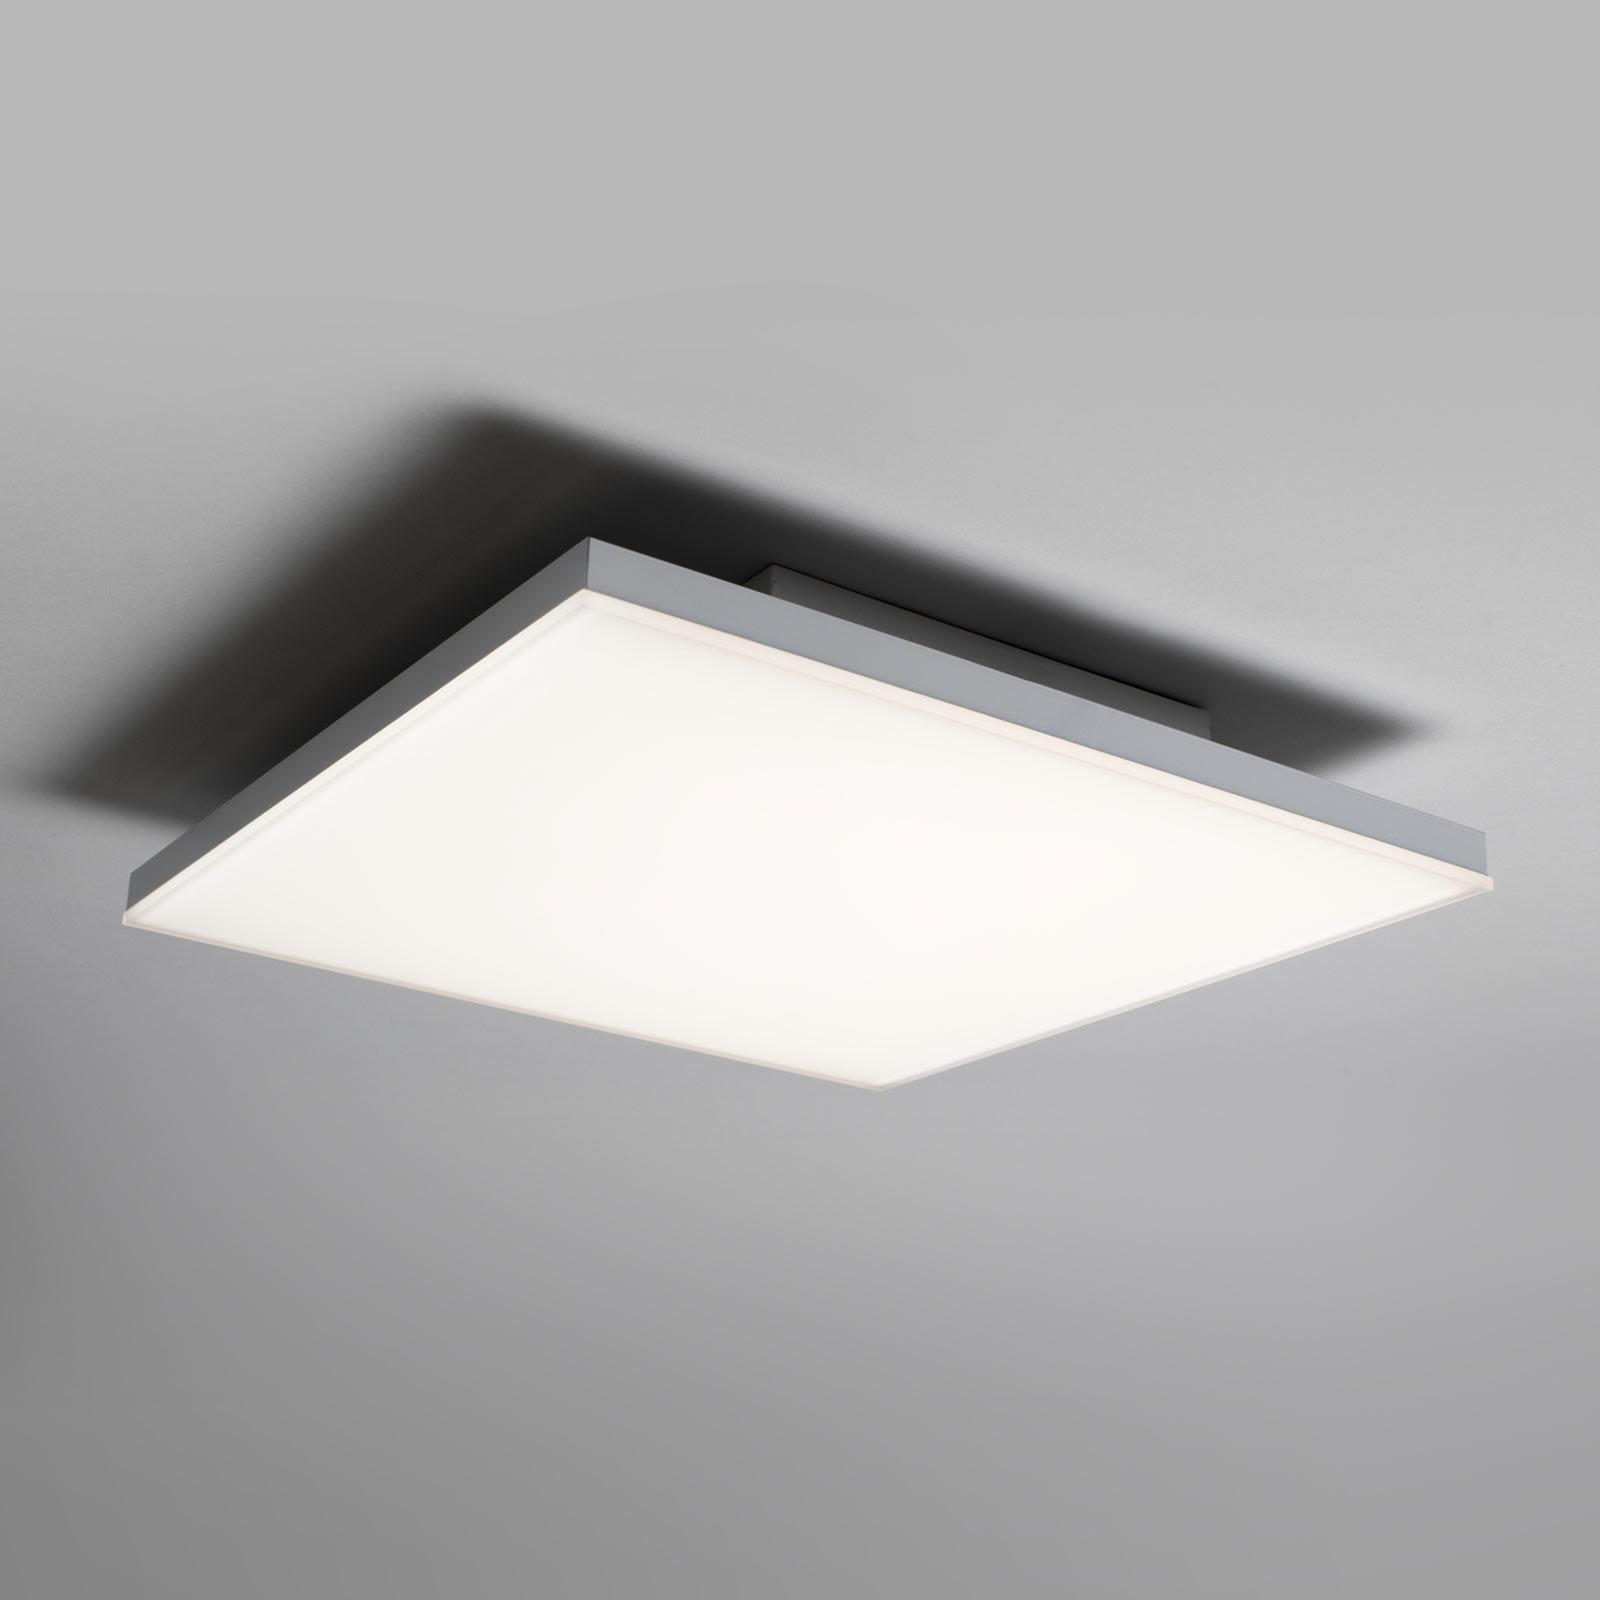 LEDVANCE Planon Frameless LED-panel 40x40 830